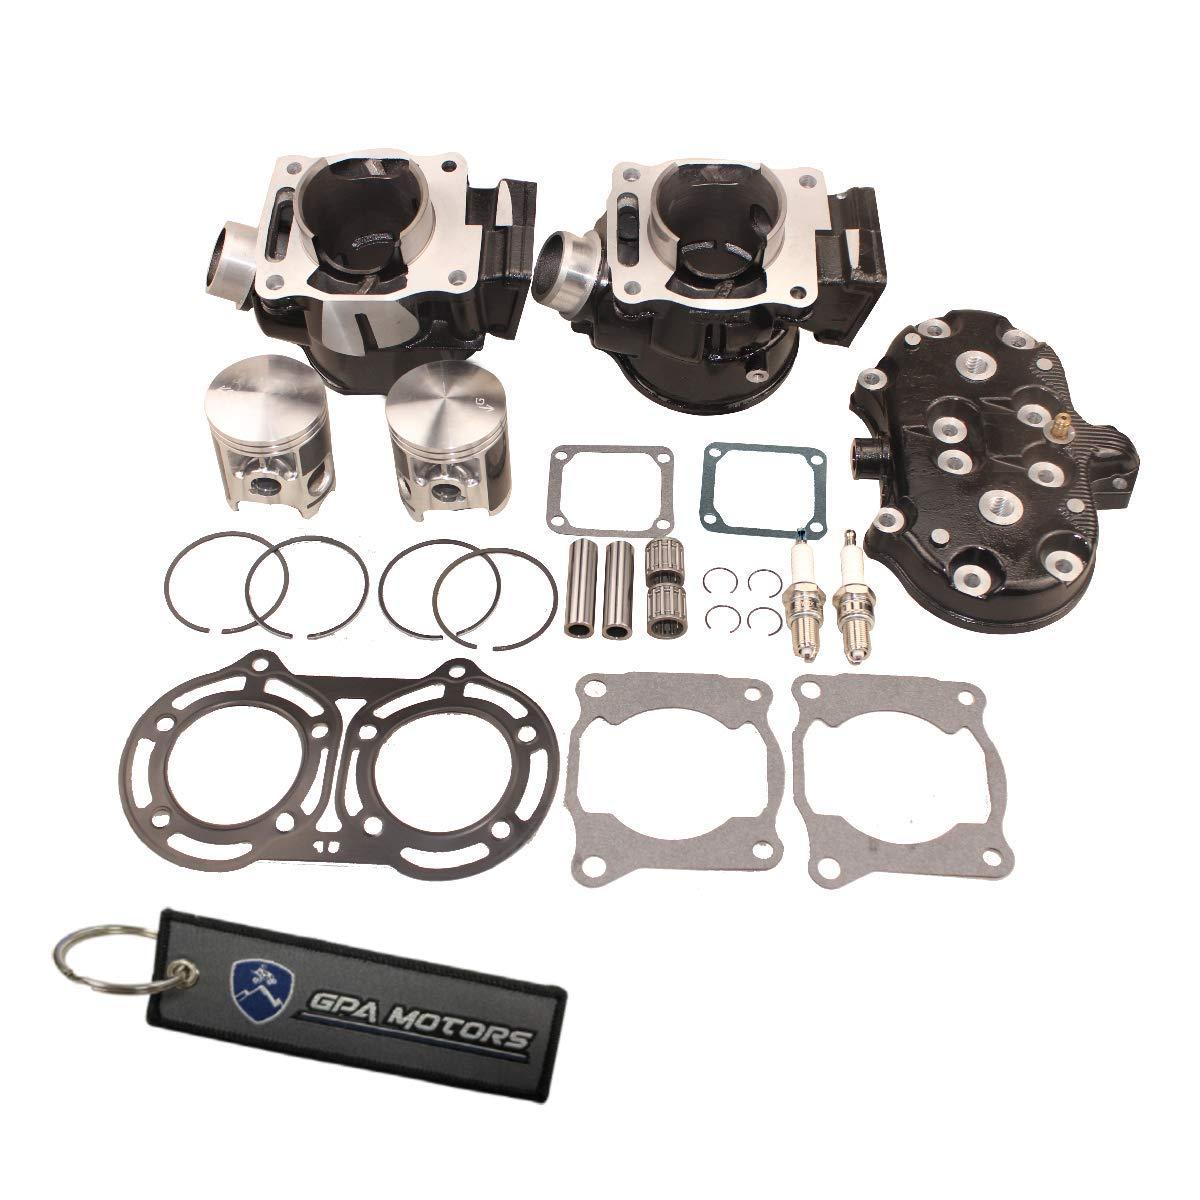 Gasket Rebuild Kits Complete Set for Banshee 350 YFZ350 1987 1999 2000 2001 2002 2003 2004 2005 2006